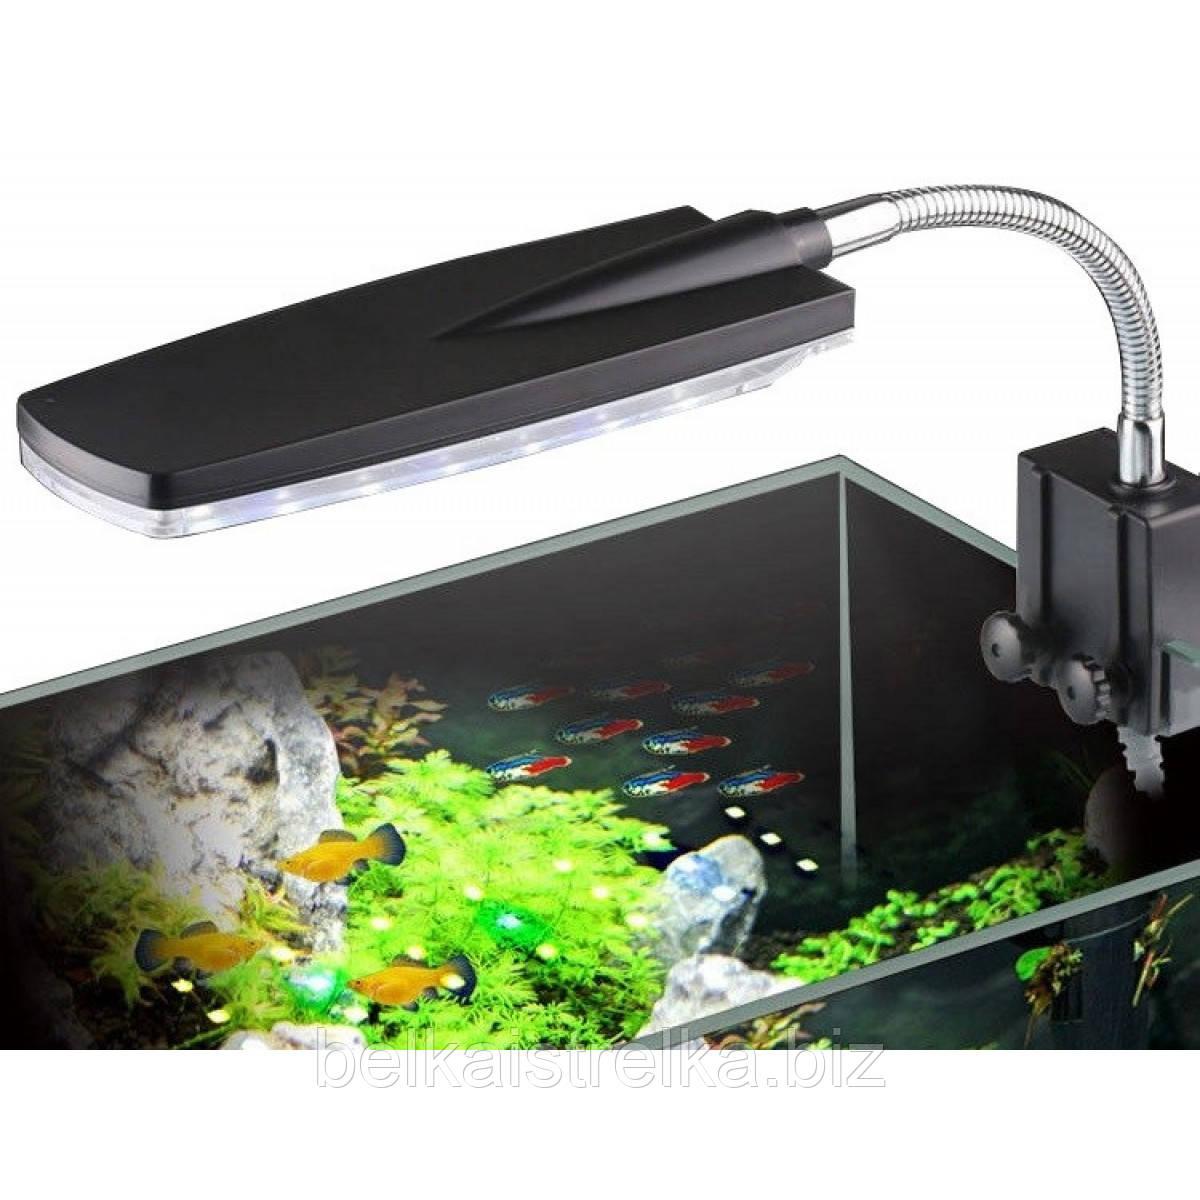 Светильник Sunsun AMD-D1 для аквариума, 3 Вт